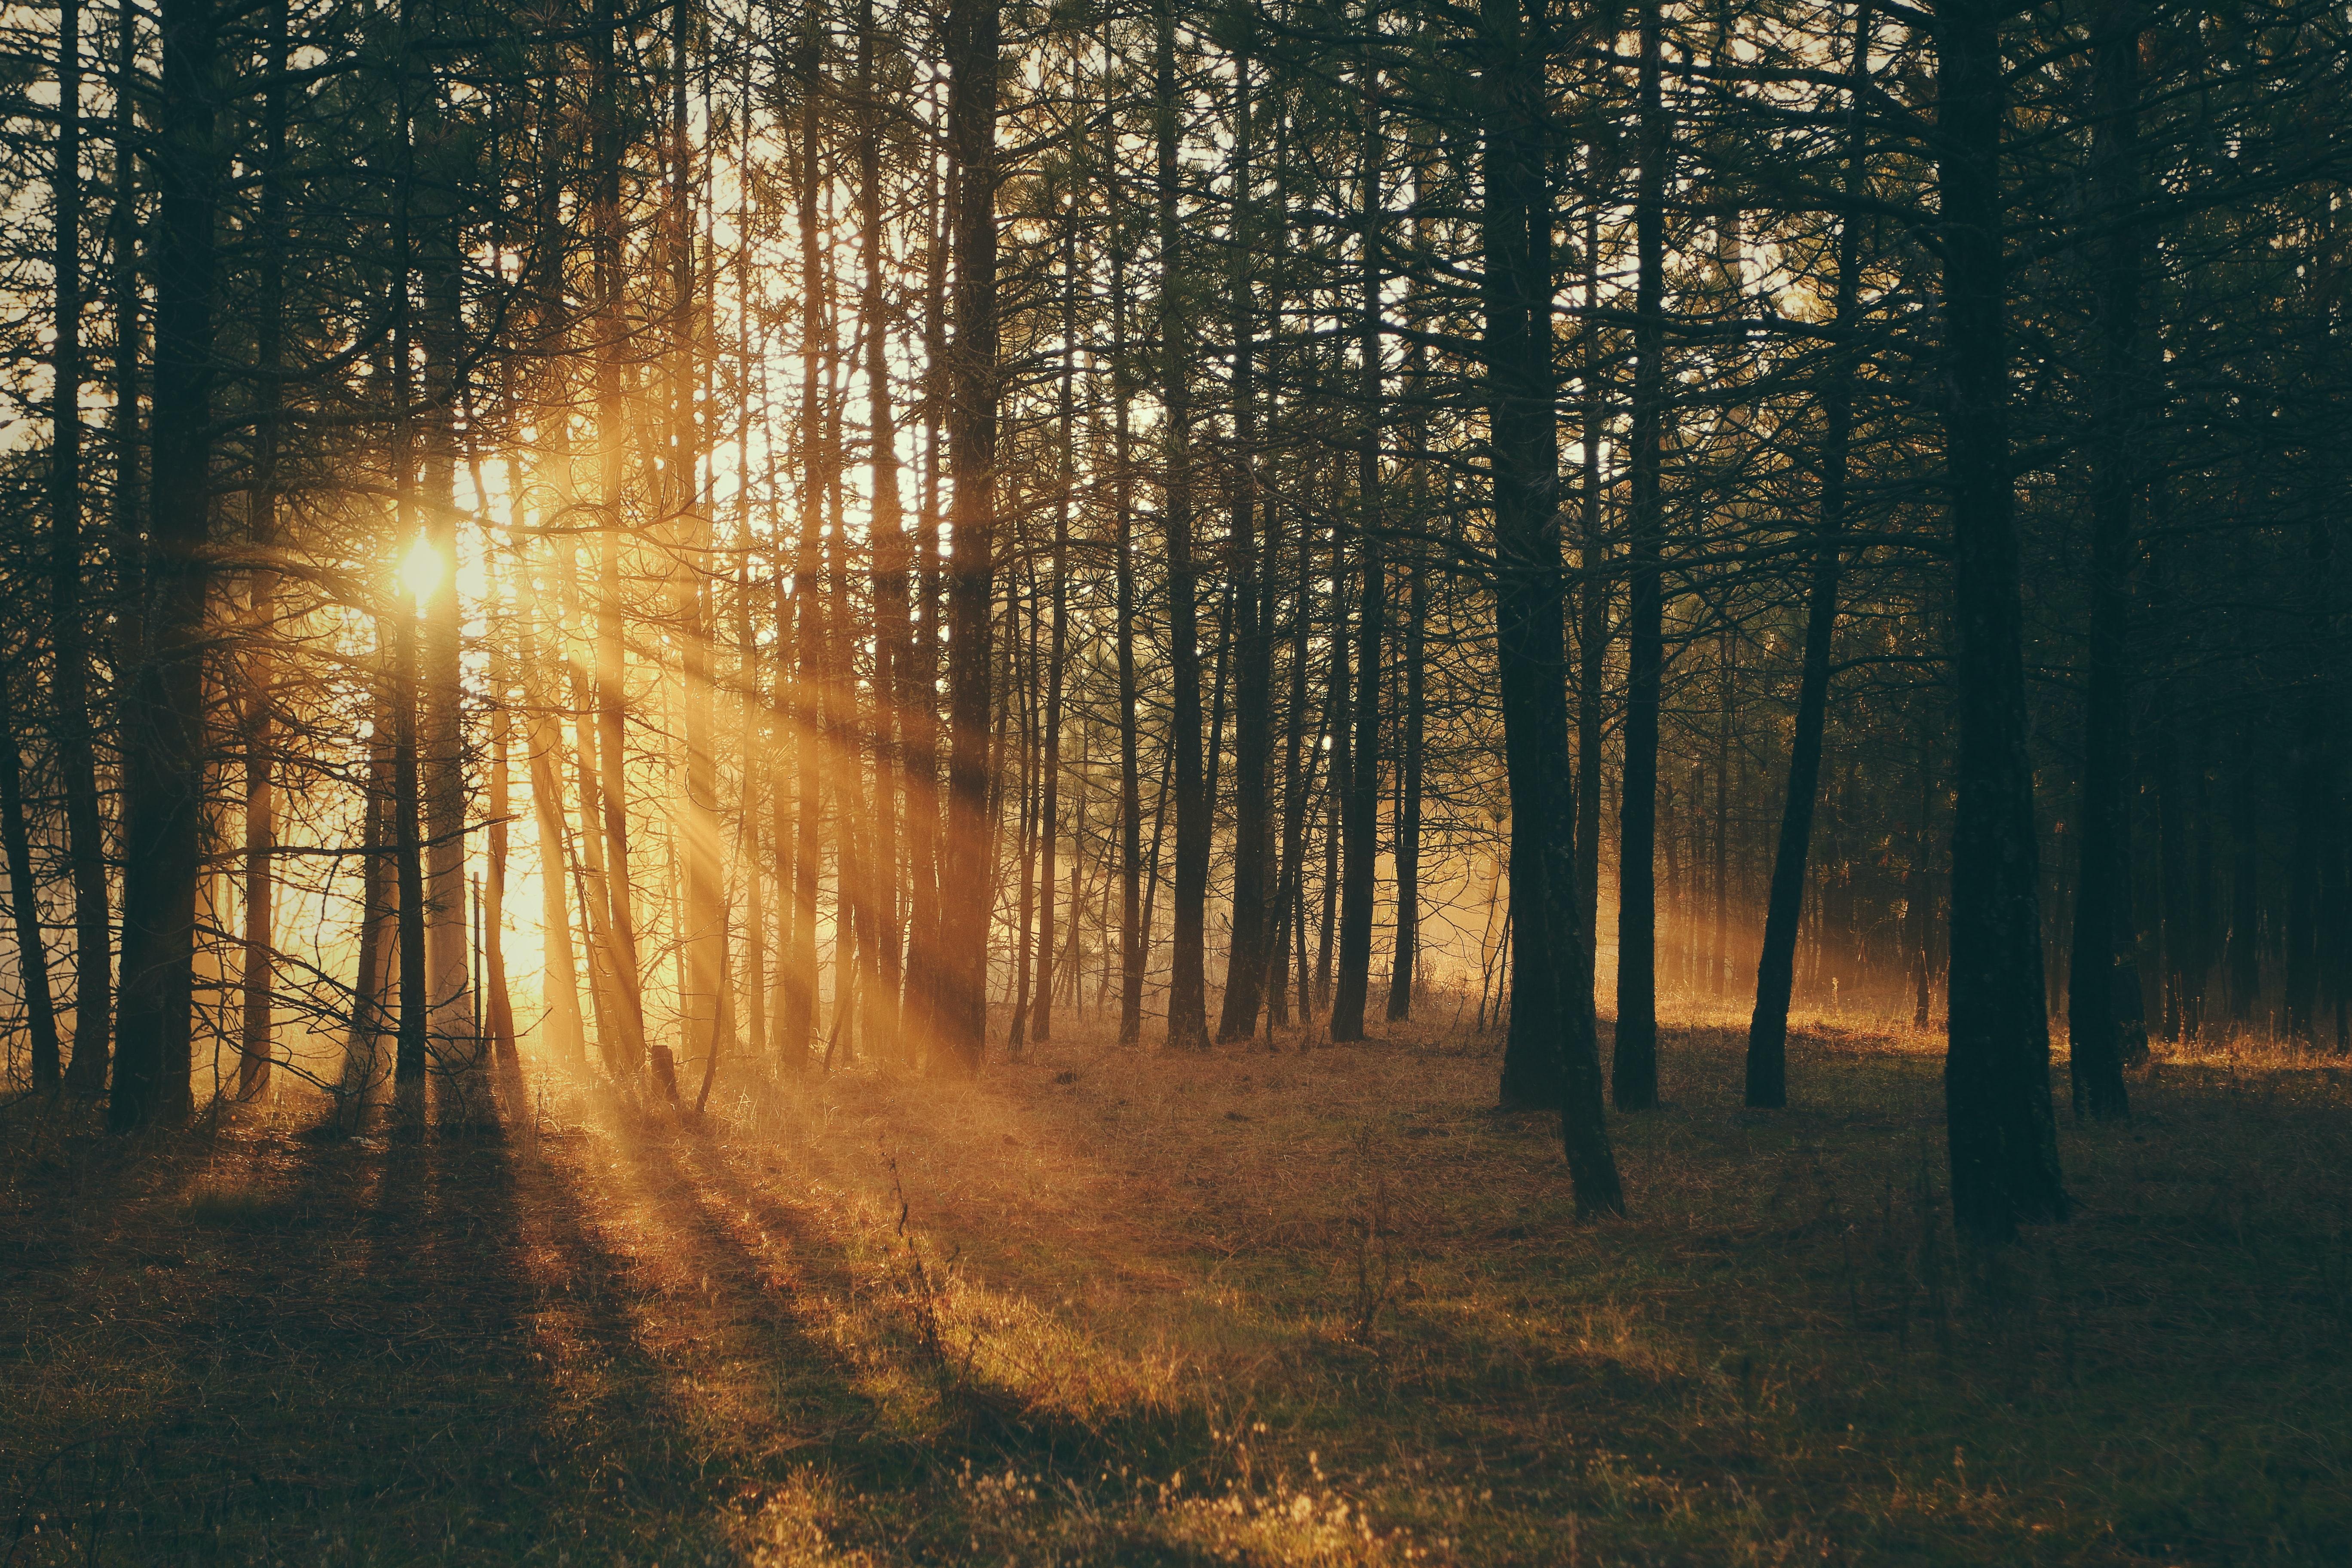 Sunrise in a wood